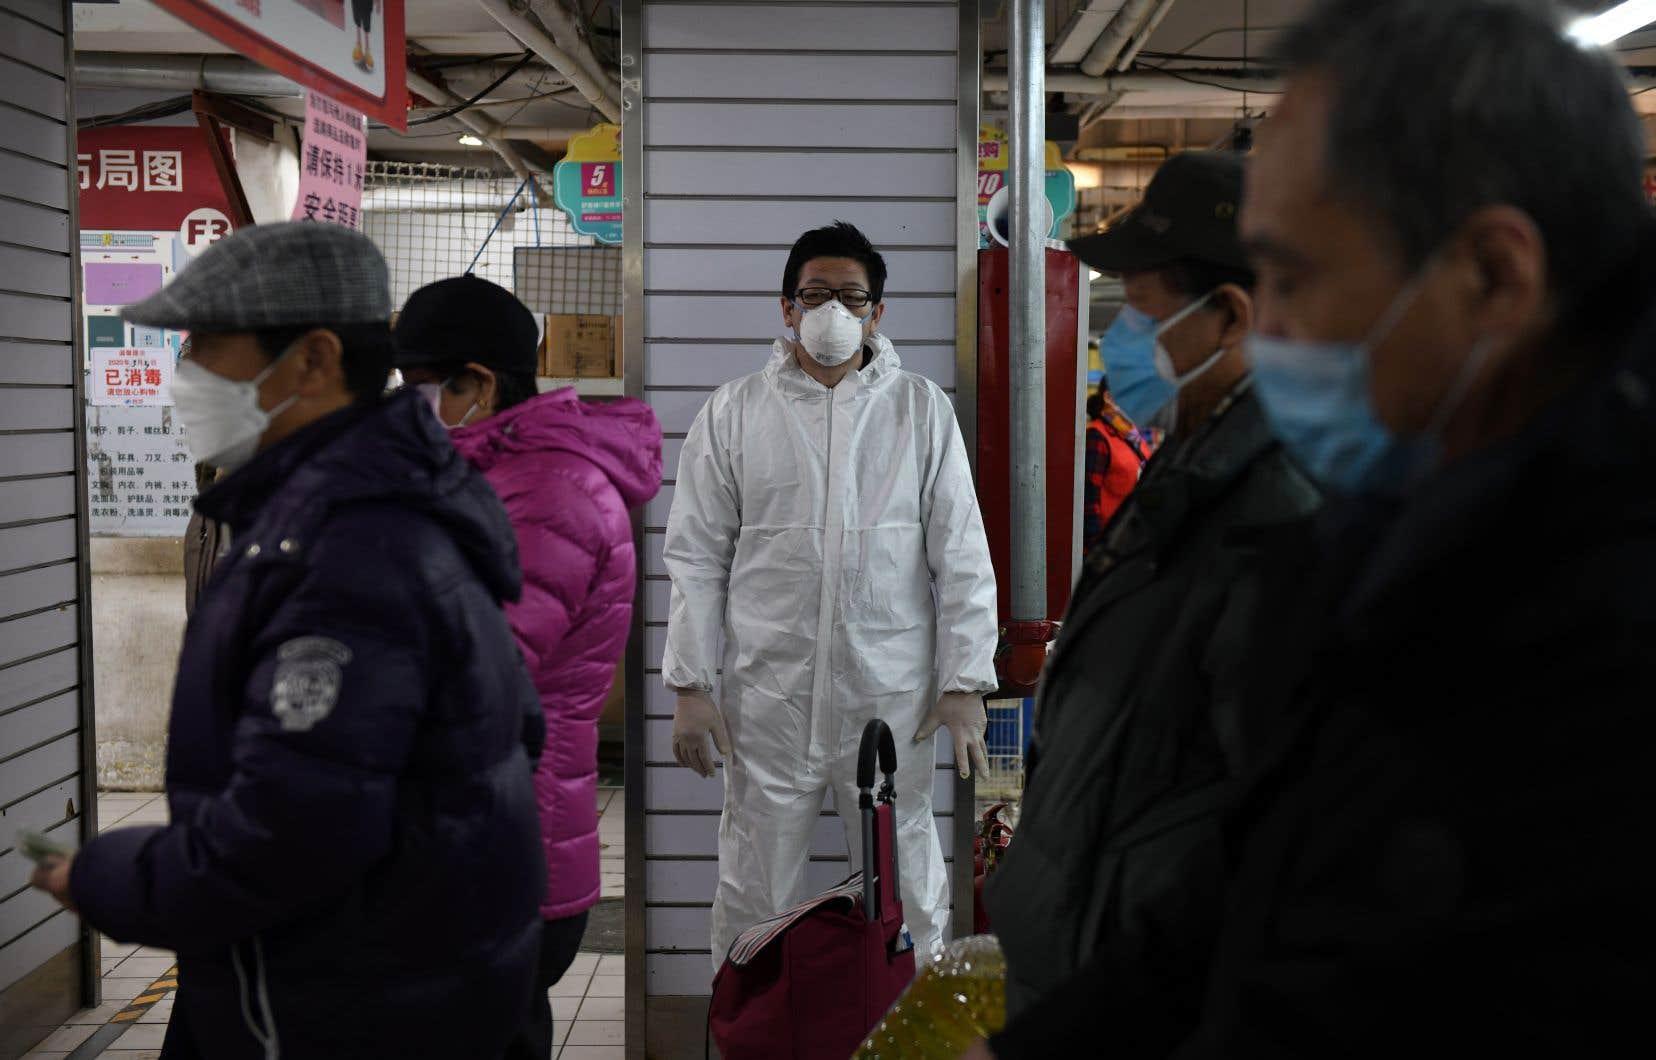 Coronavirus: la Chine a mis en quarantaine 50 millions de personnes. Les experts craignent que cela ne se retourne